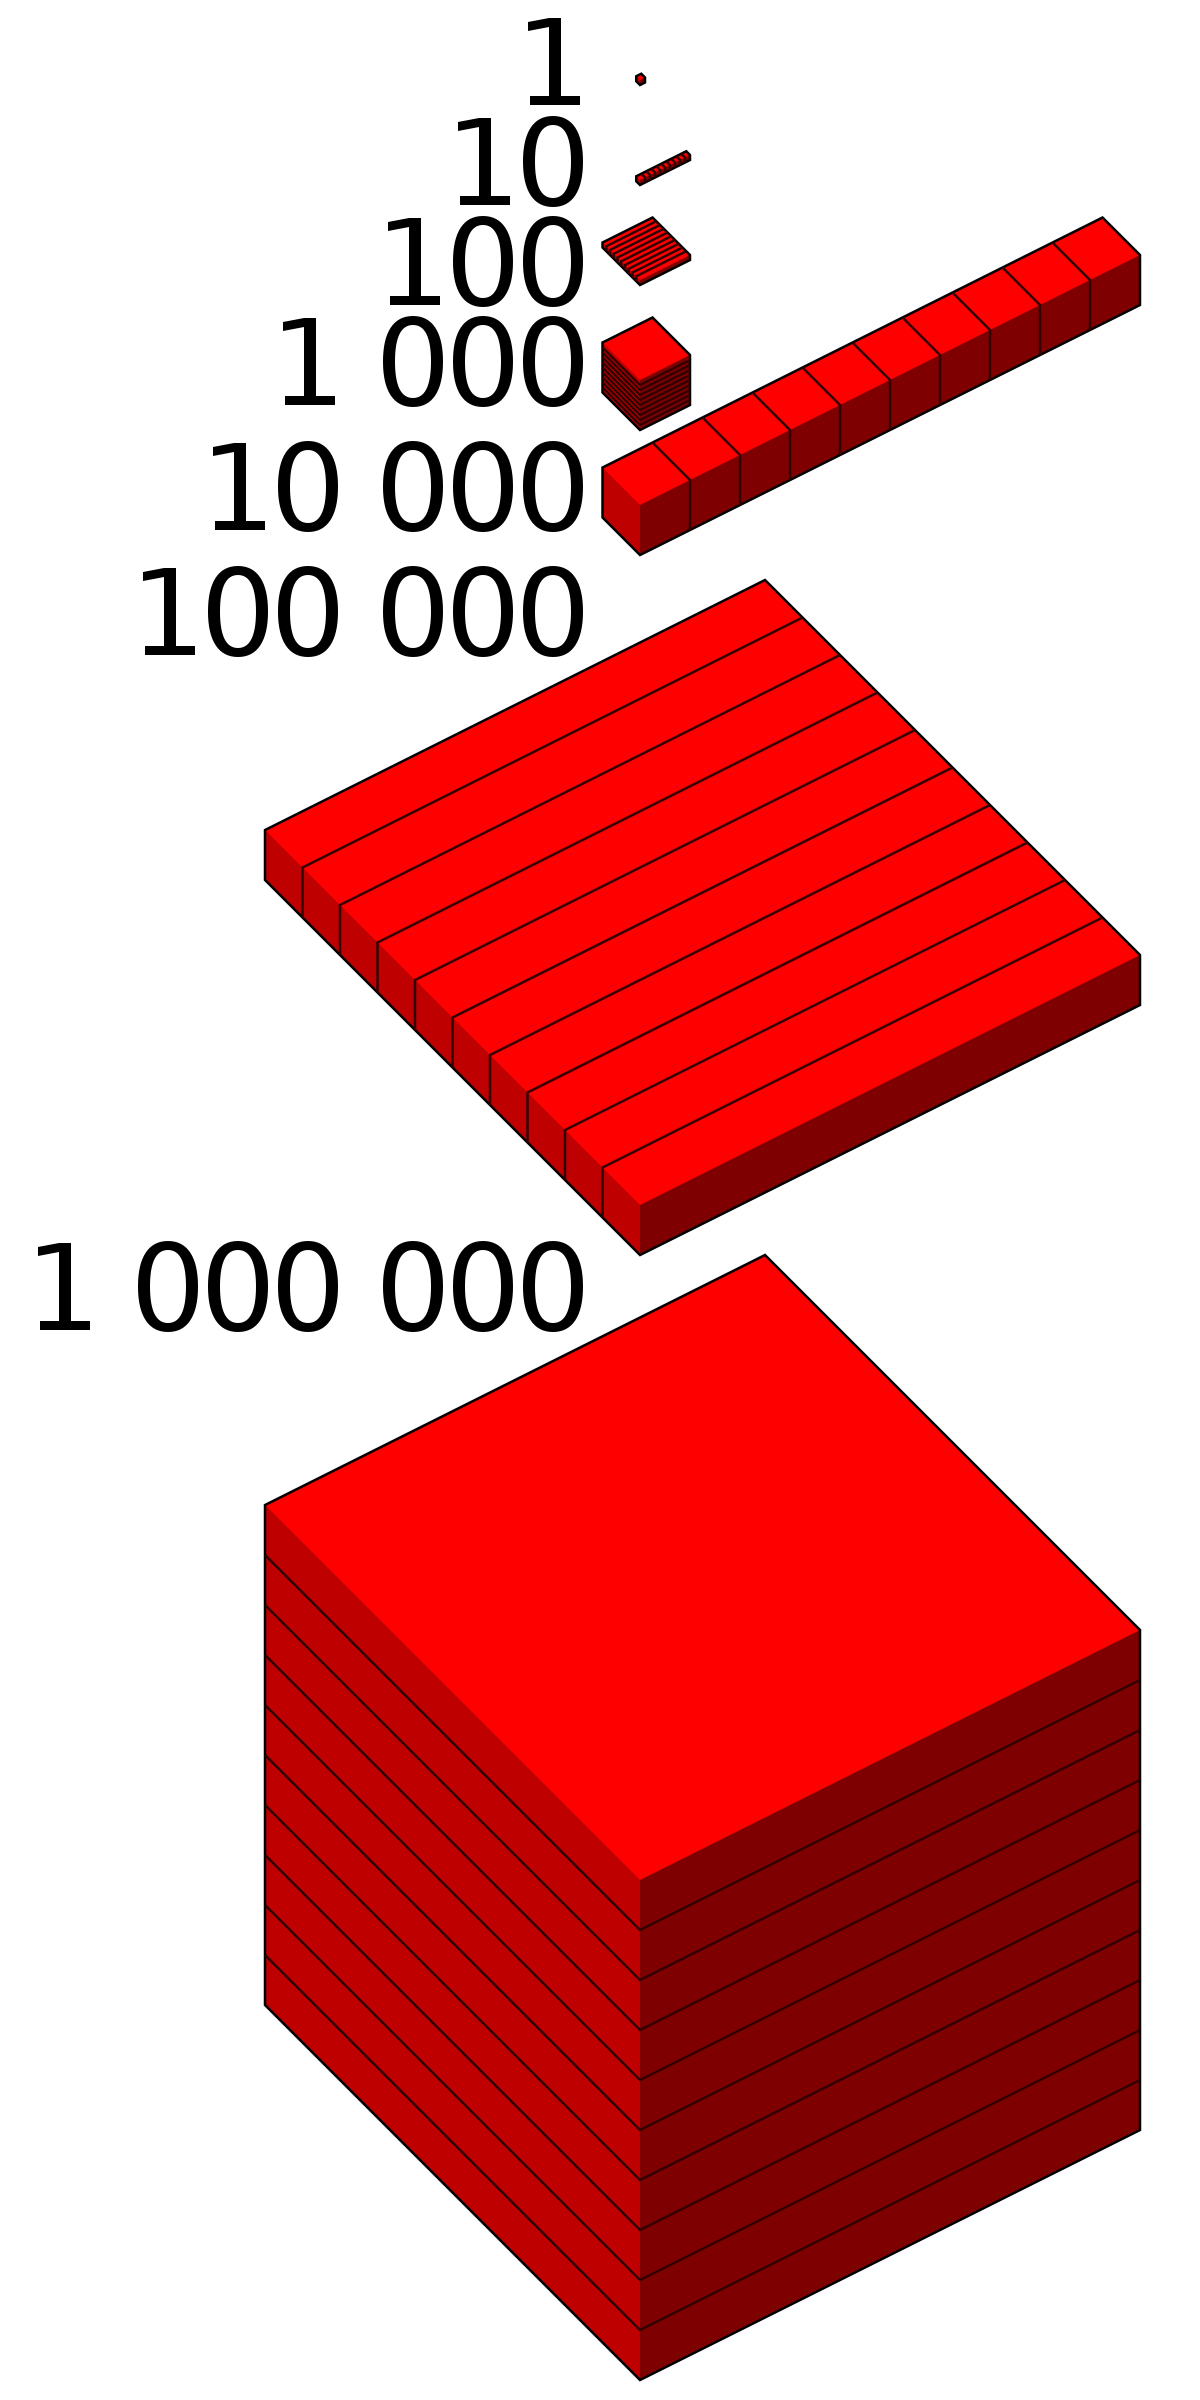 lbertex yra dvejetainiai variantai)